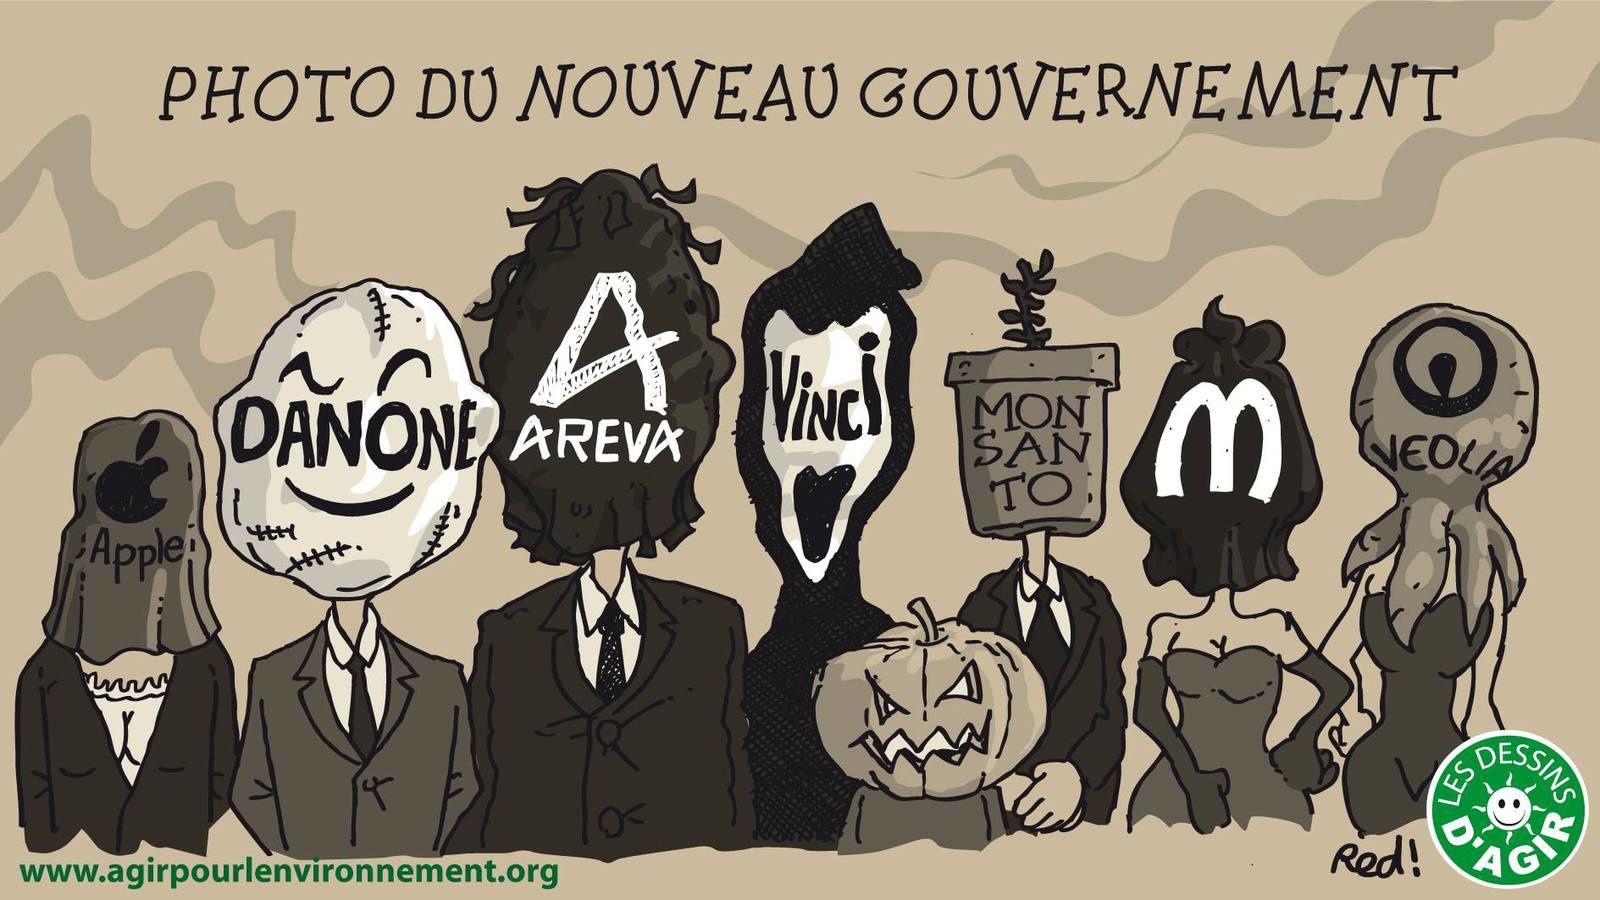 Le nouveau gouvernement de droite et de droite